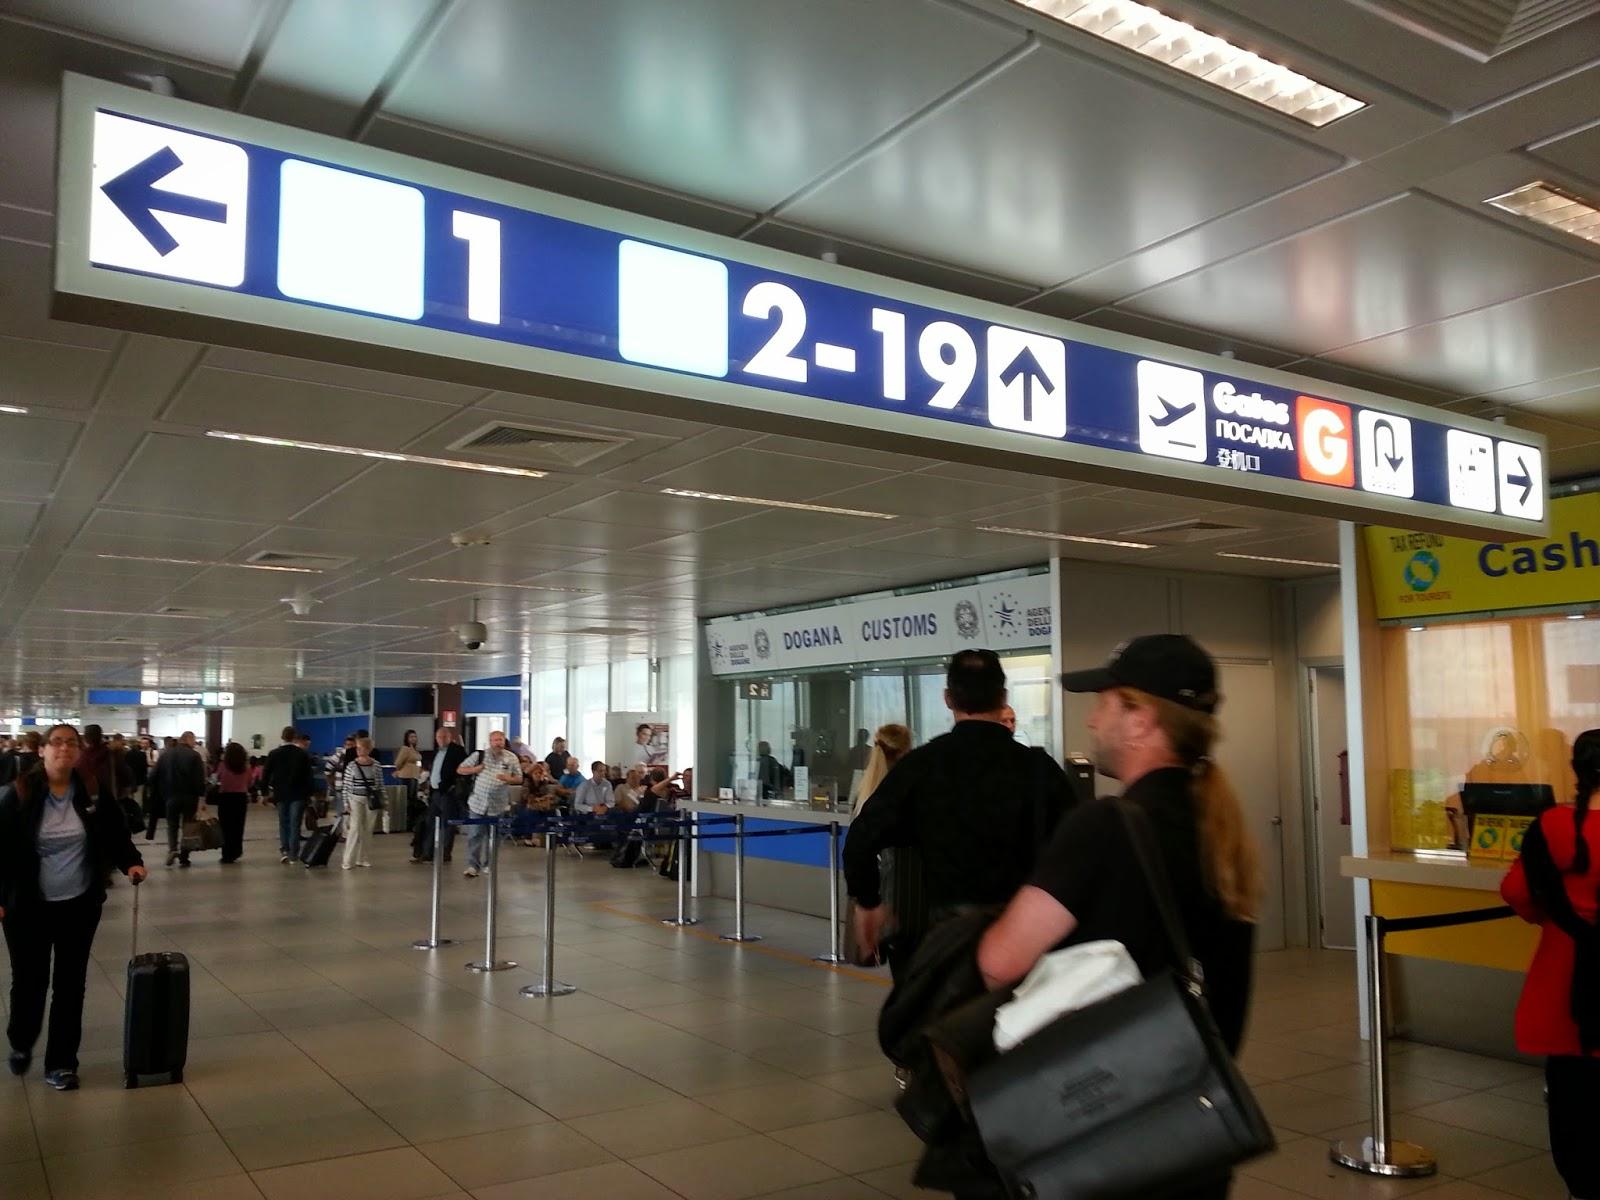 來去玩: 一小時完成羅馬機場三家退稅 (VAT Tax Refund at Rome Fiumicino Airport)